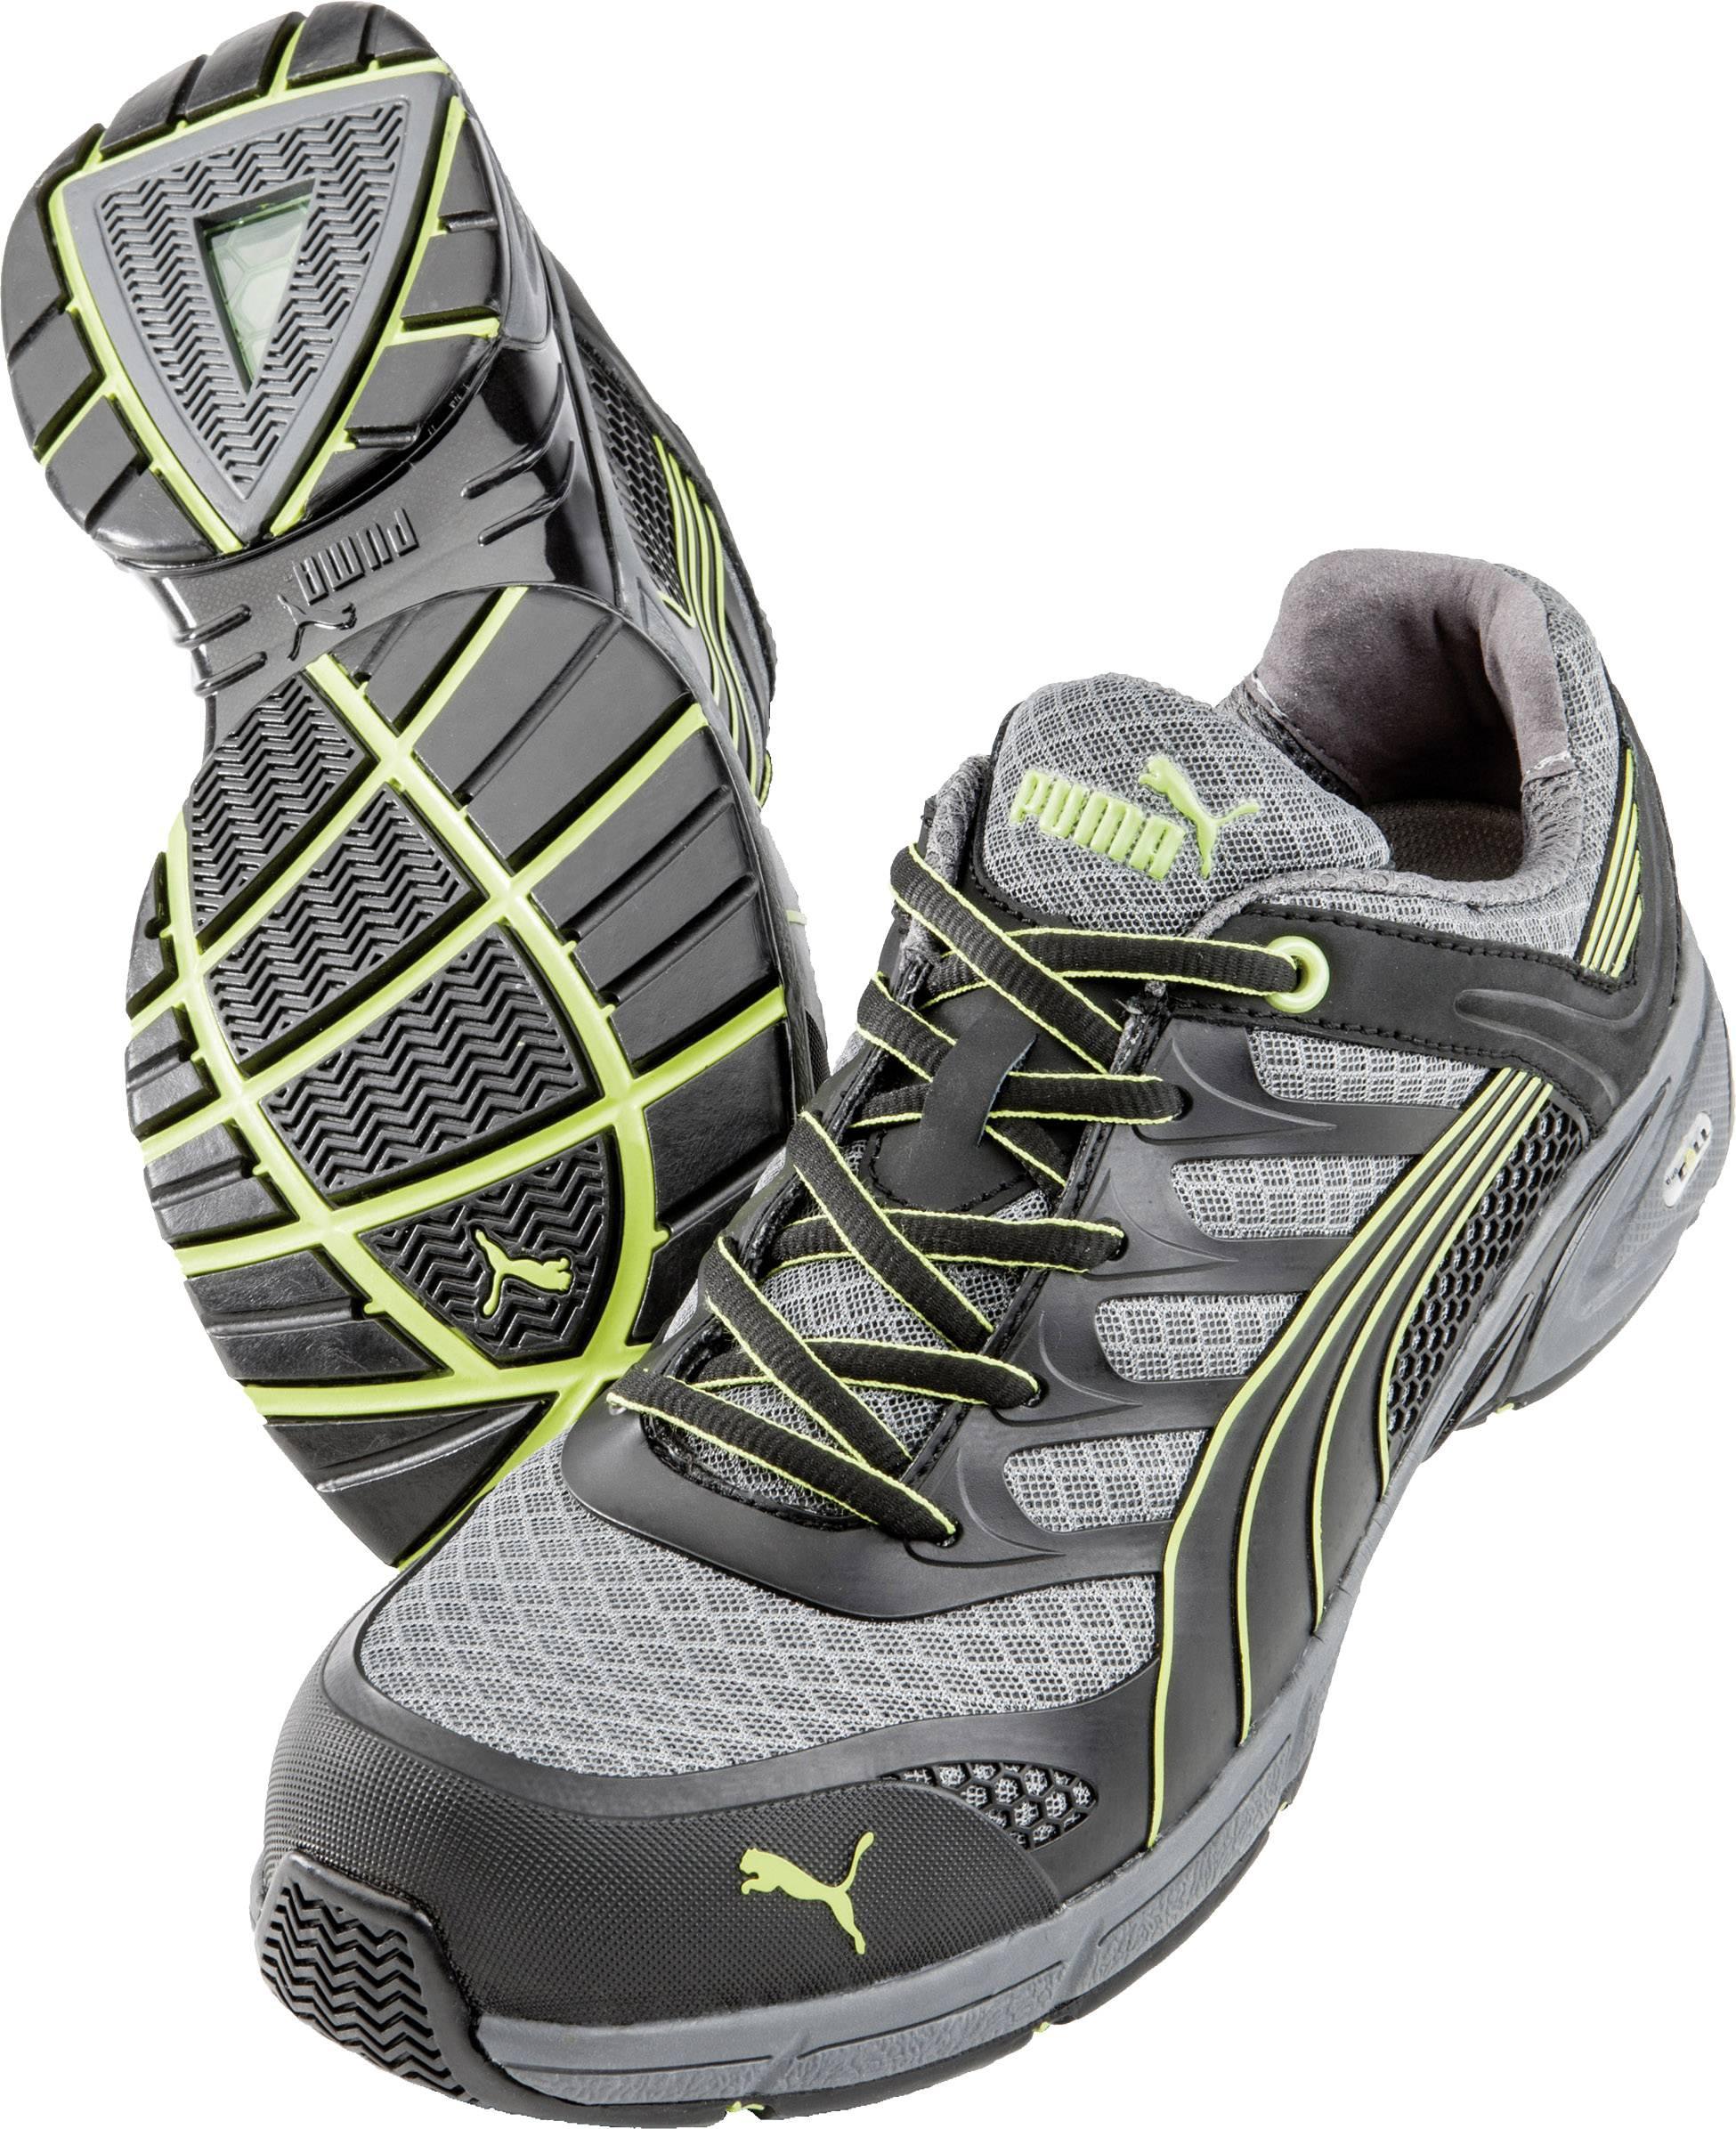 Bezpečnostní obuv S1P PUMA Safety FUSE MOTION GREEN LOW HRO SRA 642520, vel.: 46, černá, šedá, žlutá, 1 pár